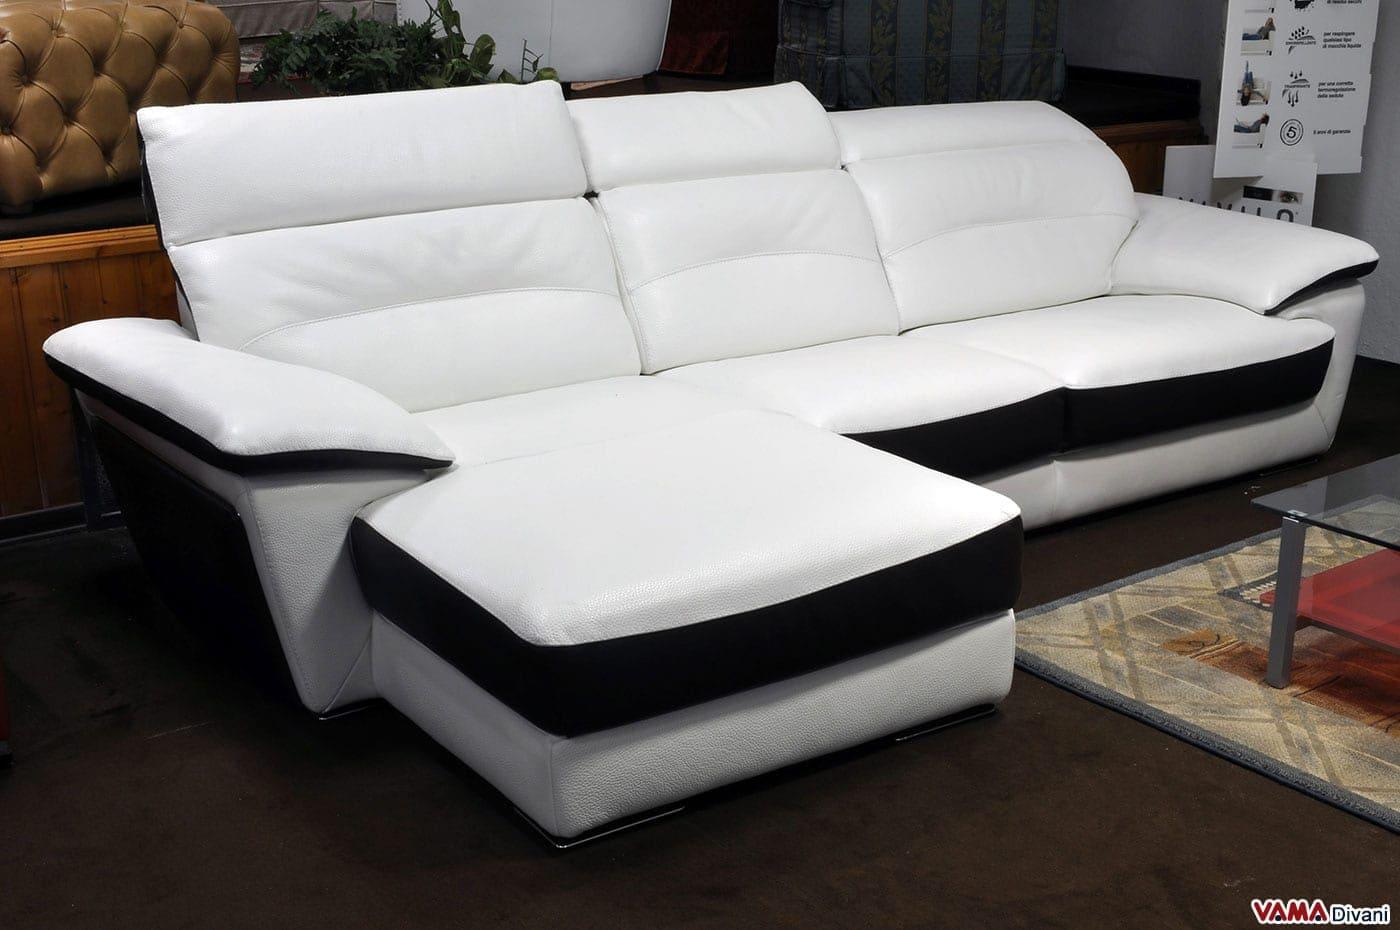 Divano letto in offerta a catania design for Divano con penisola ikea